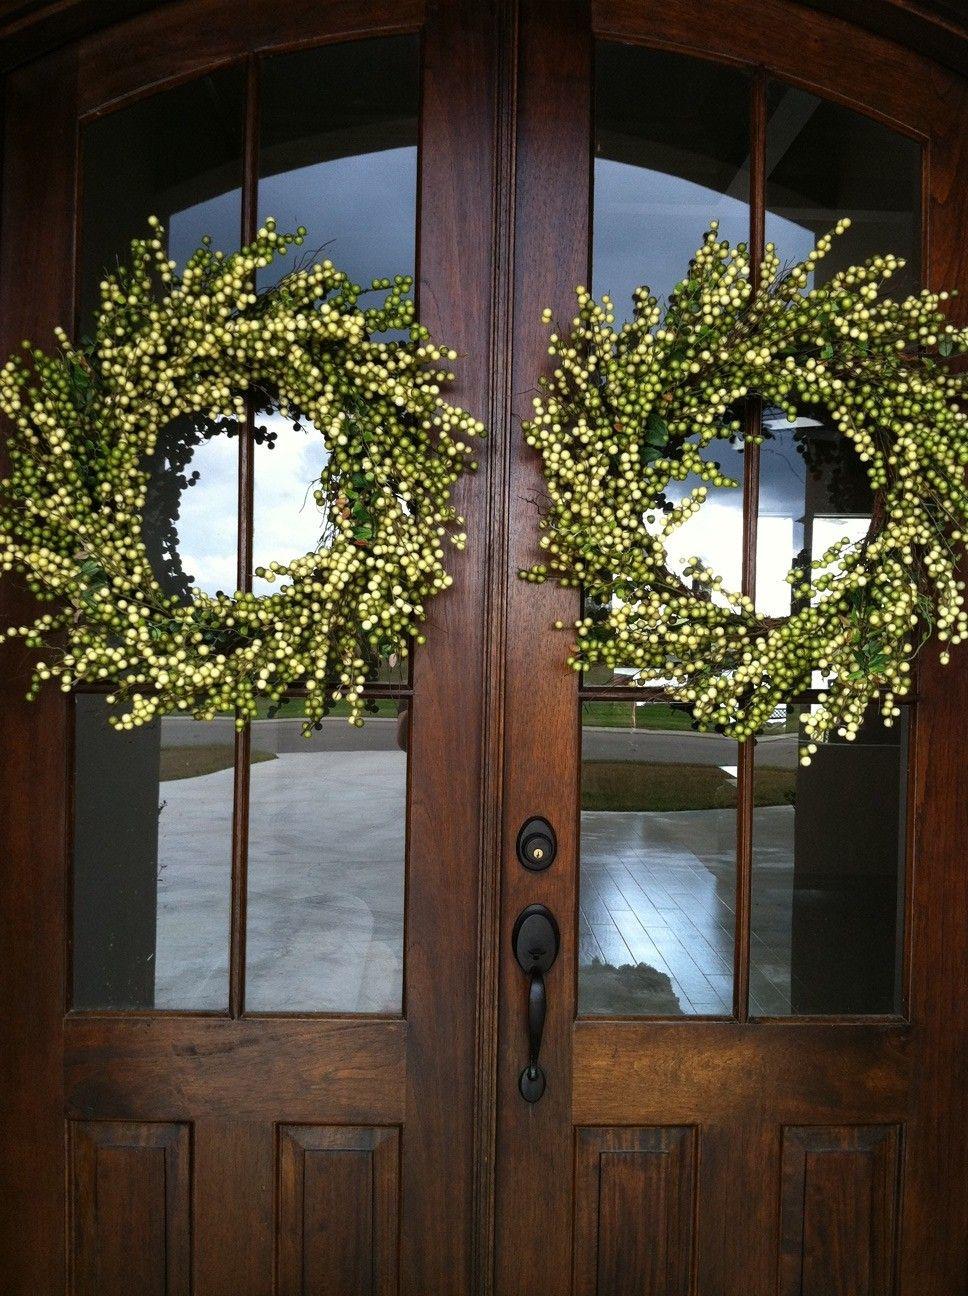 hobby+lobby+christmas+wreaths | Hobby Lobby Wreaths | Holiday ...